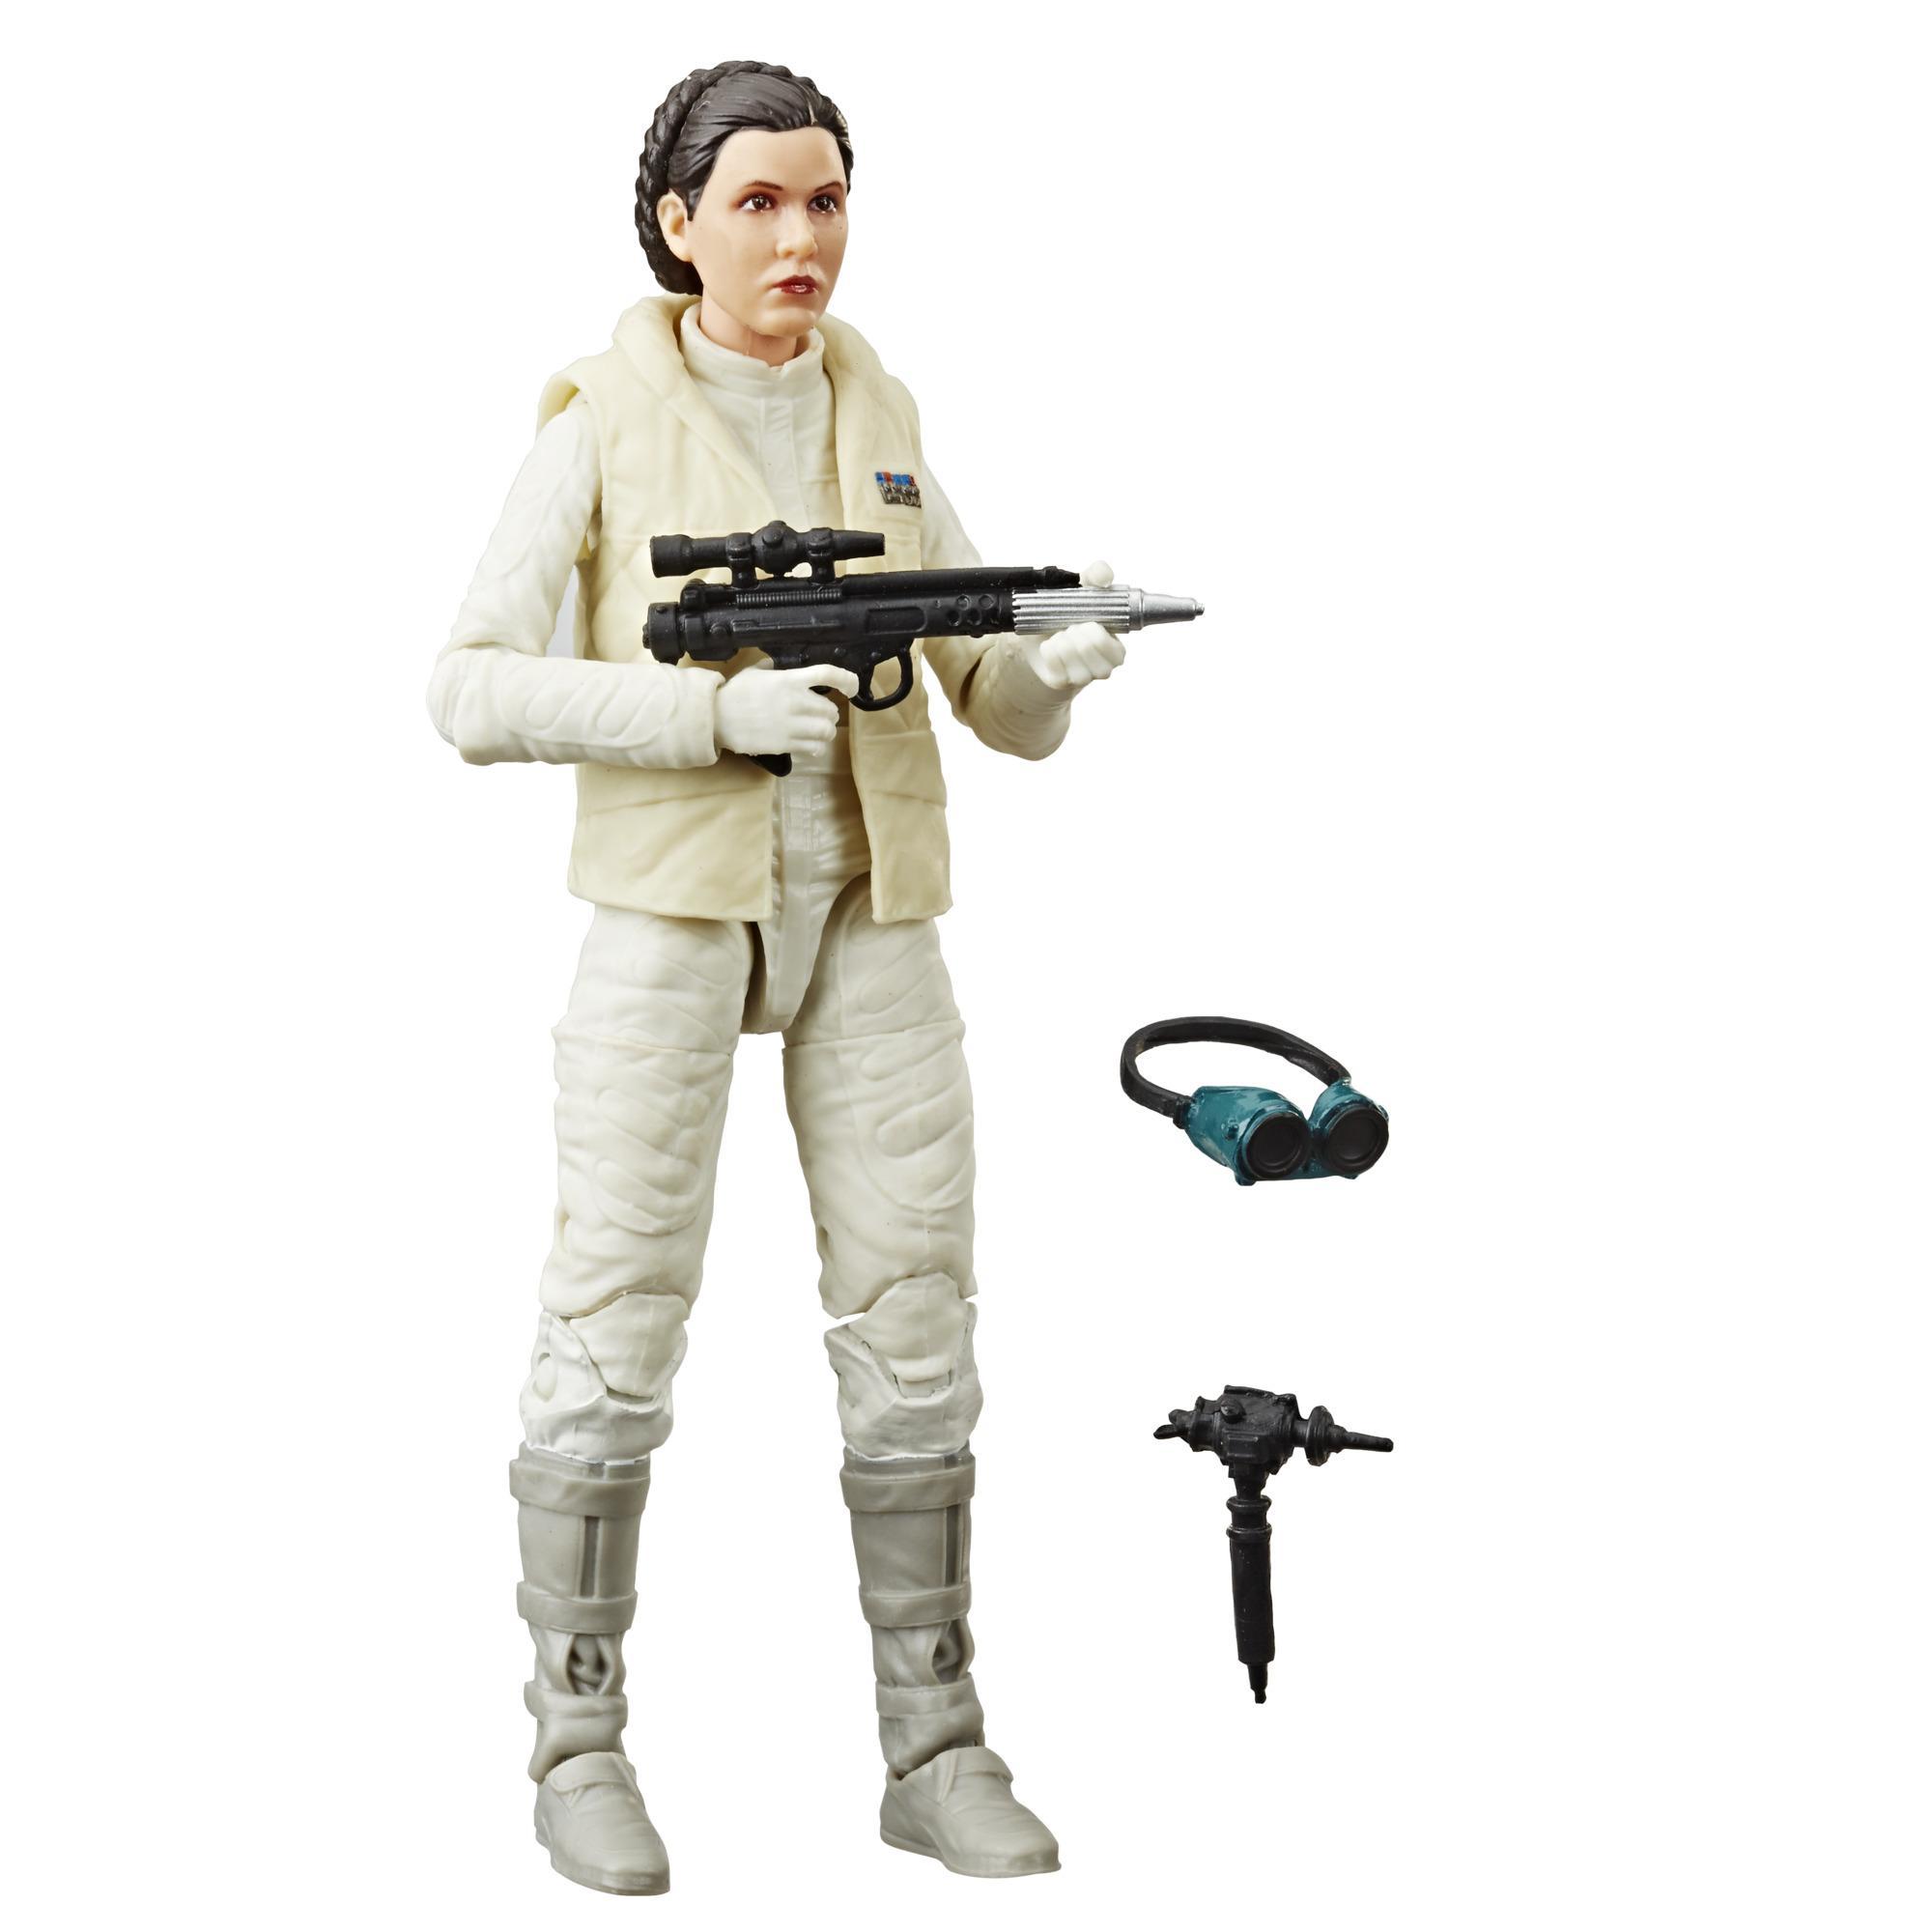 Star Wars The Black Series - Figura de Princess Leia Organa (Hoth) de 15 cm - Star Wars: El Imperio contraataca